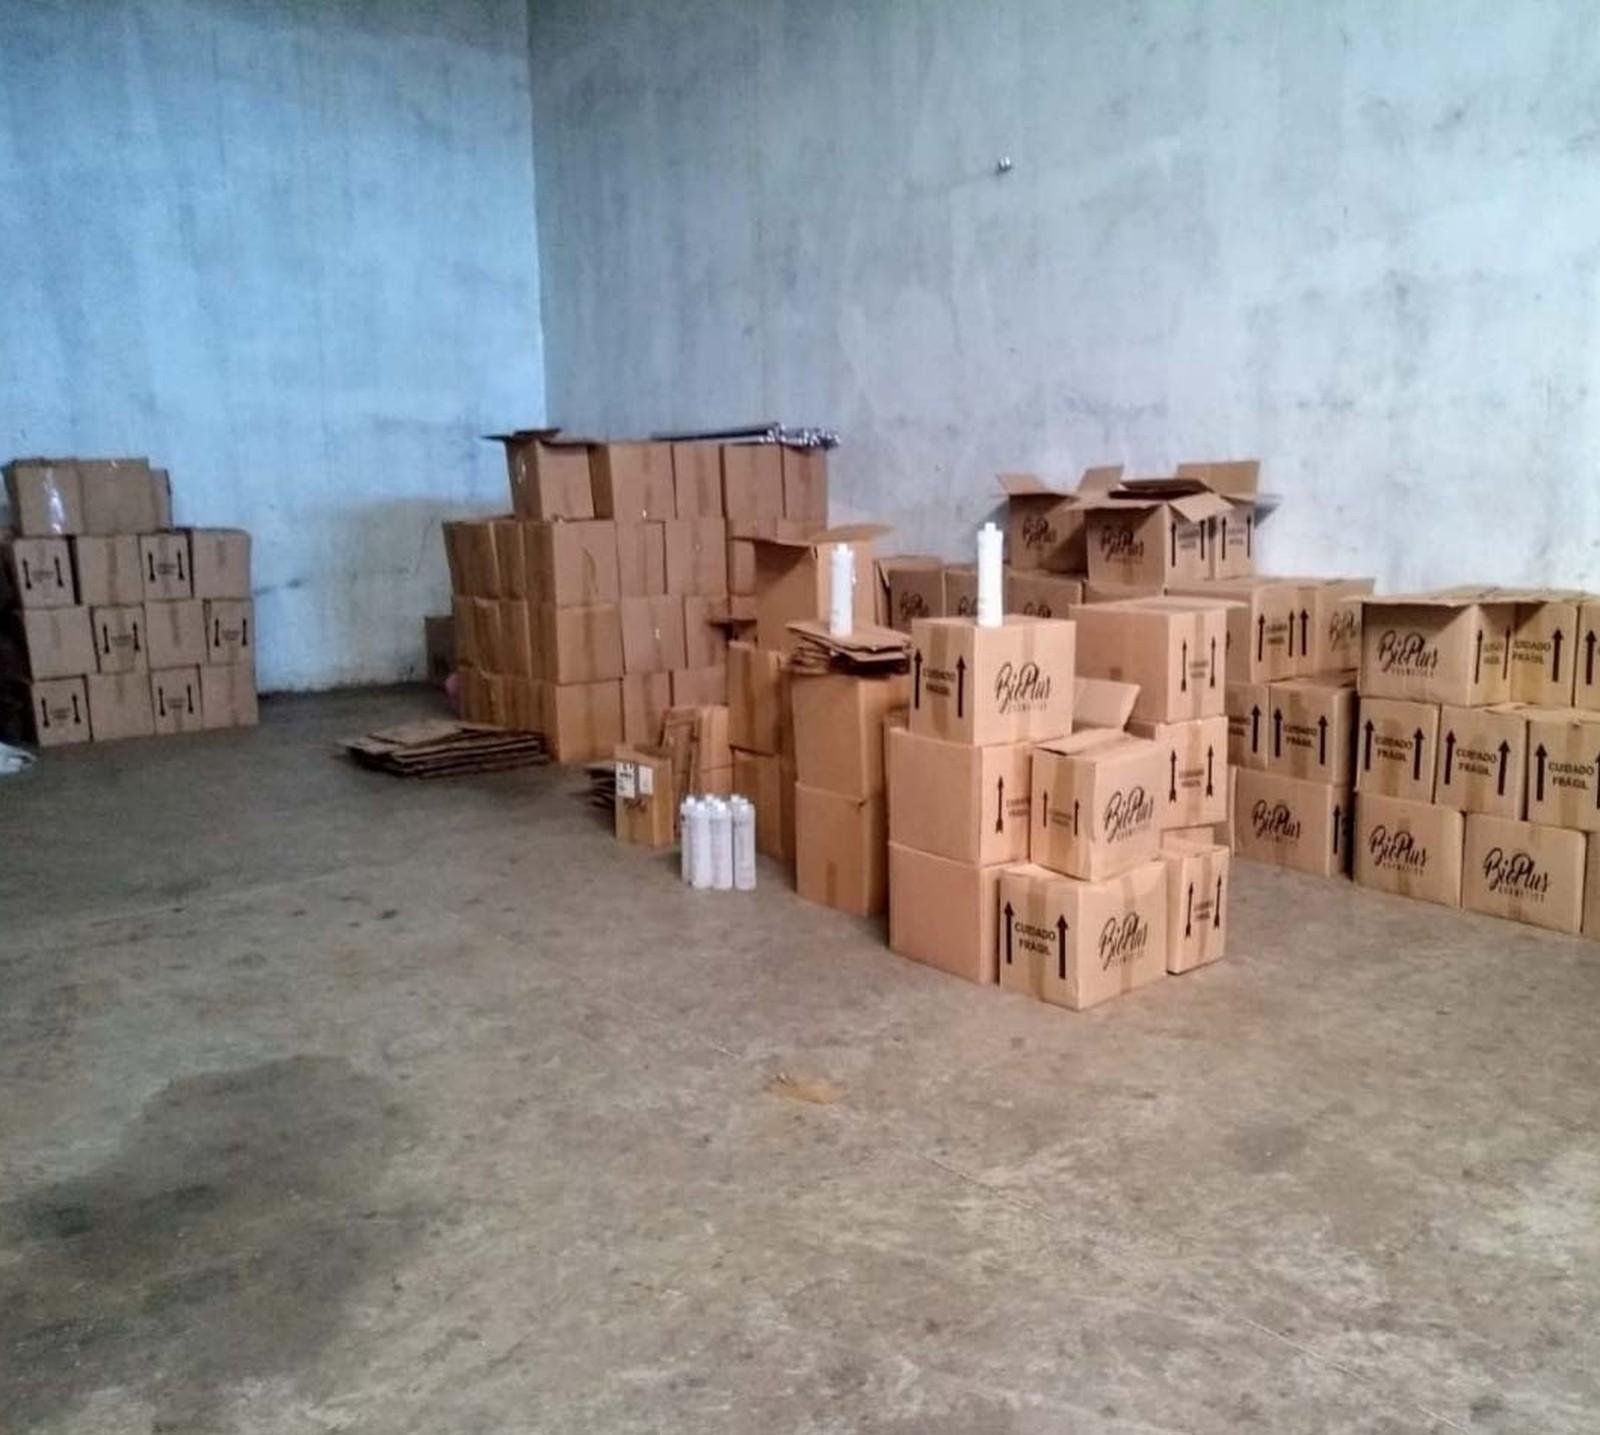 97 caixas foram apreendidas durante a fiscalização em Assis — Foto: Polícia Civil / Divulgação